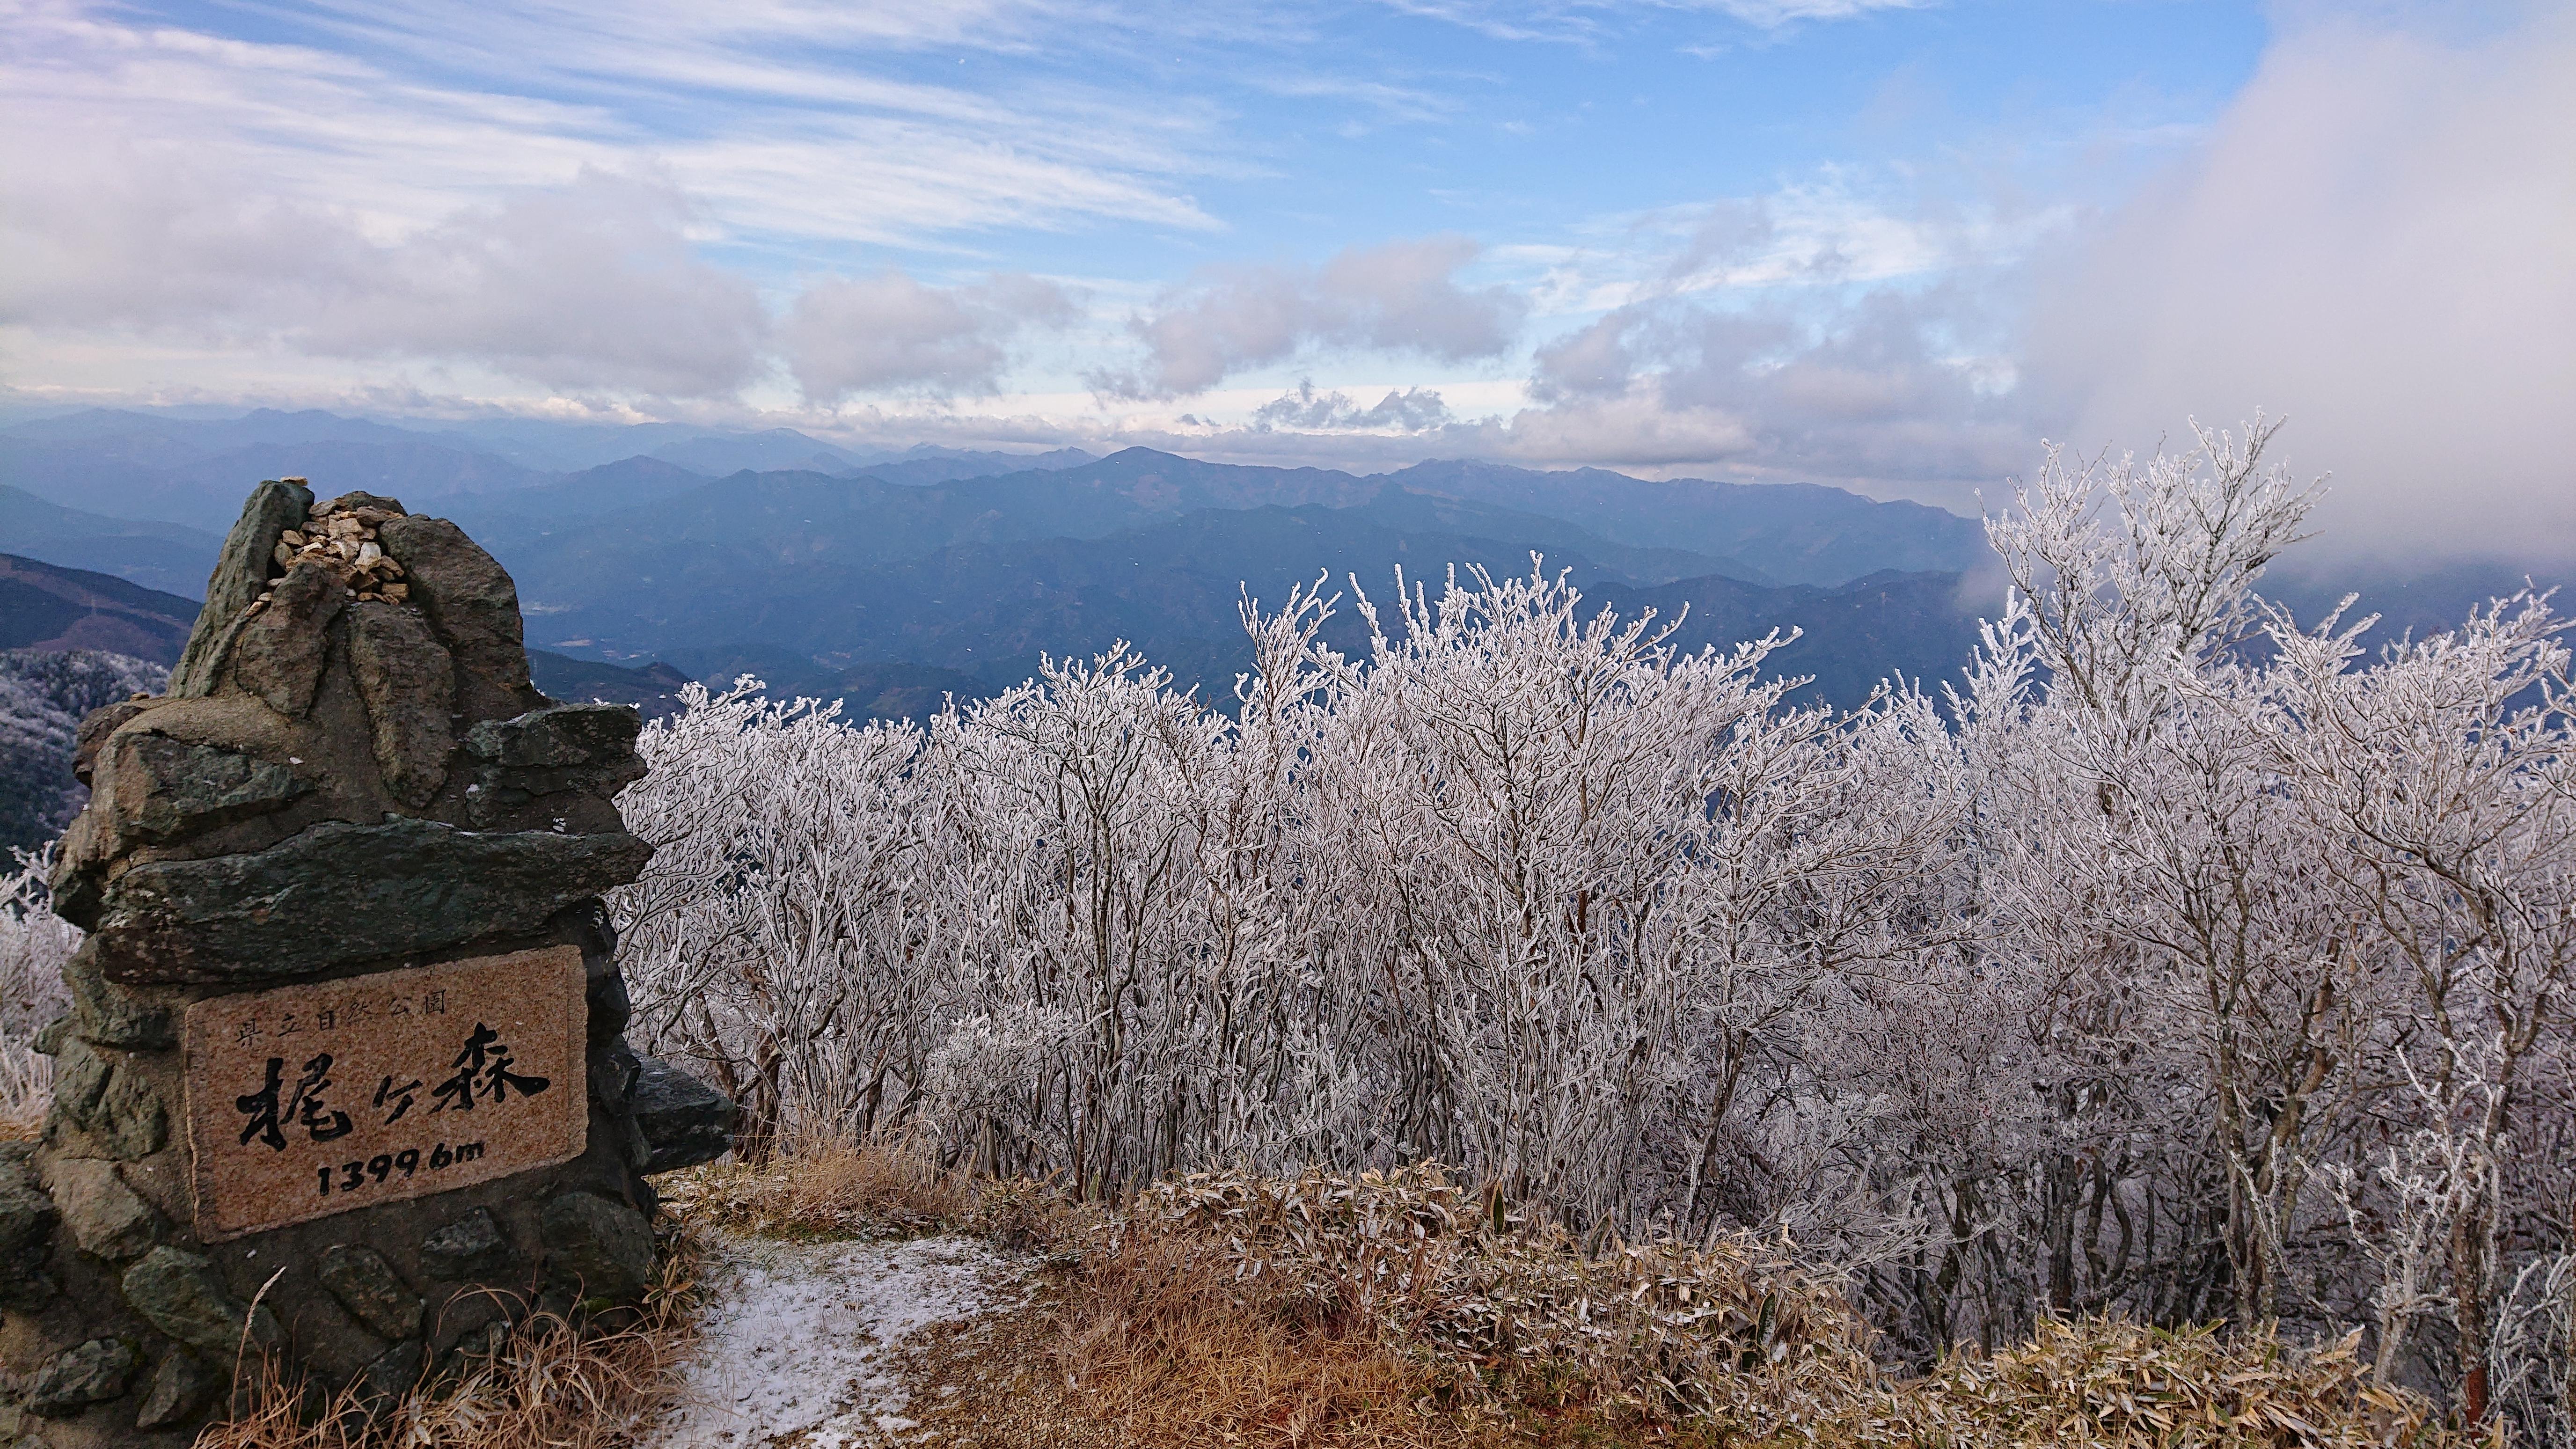 冬・山頂の霧氷